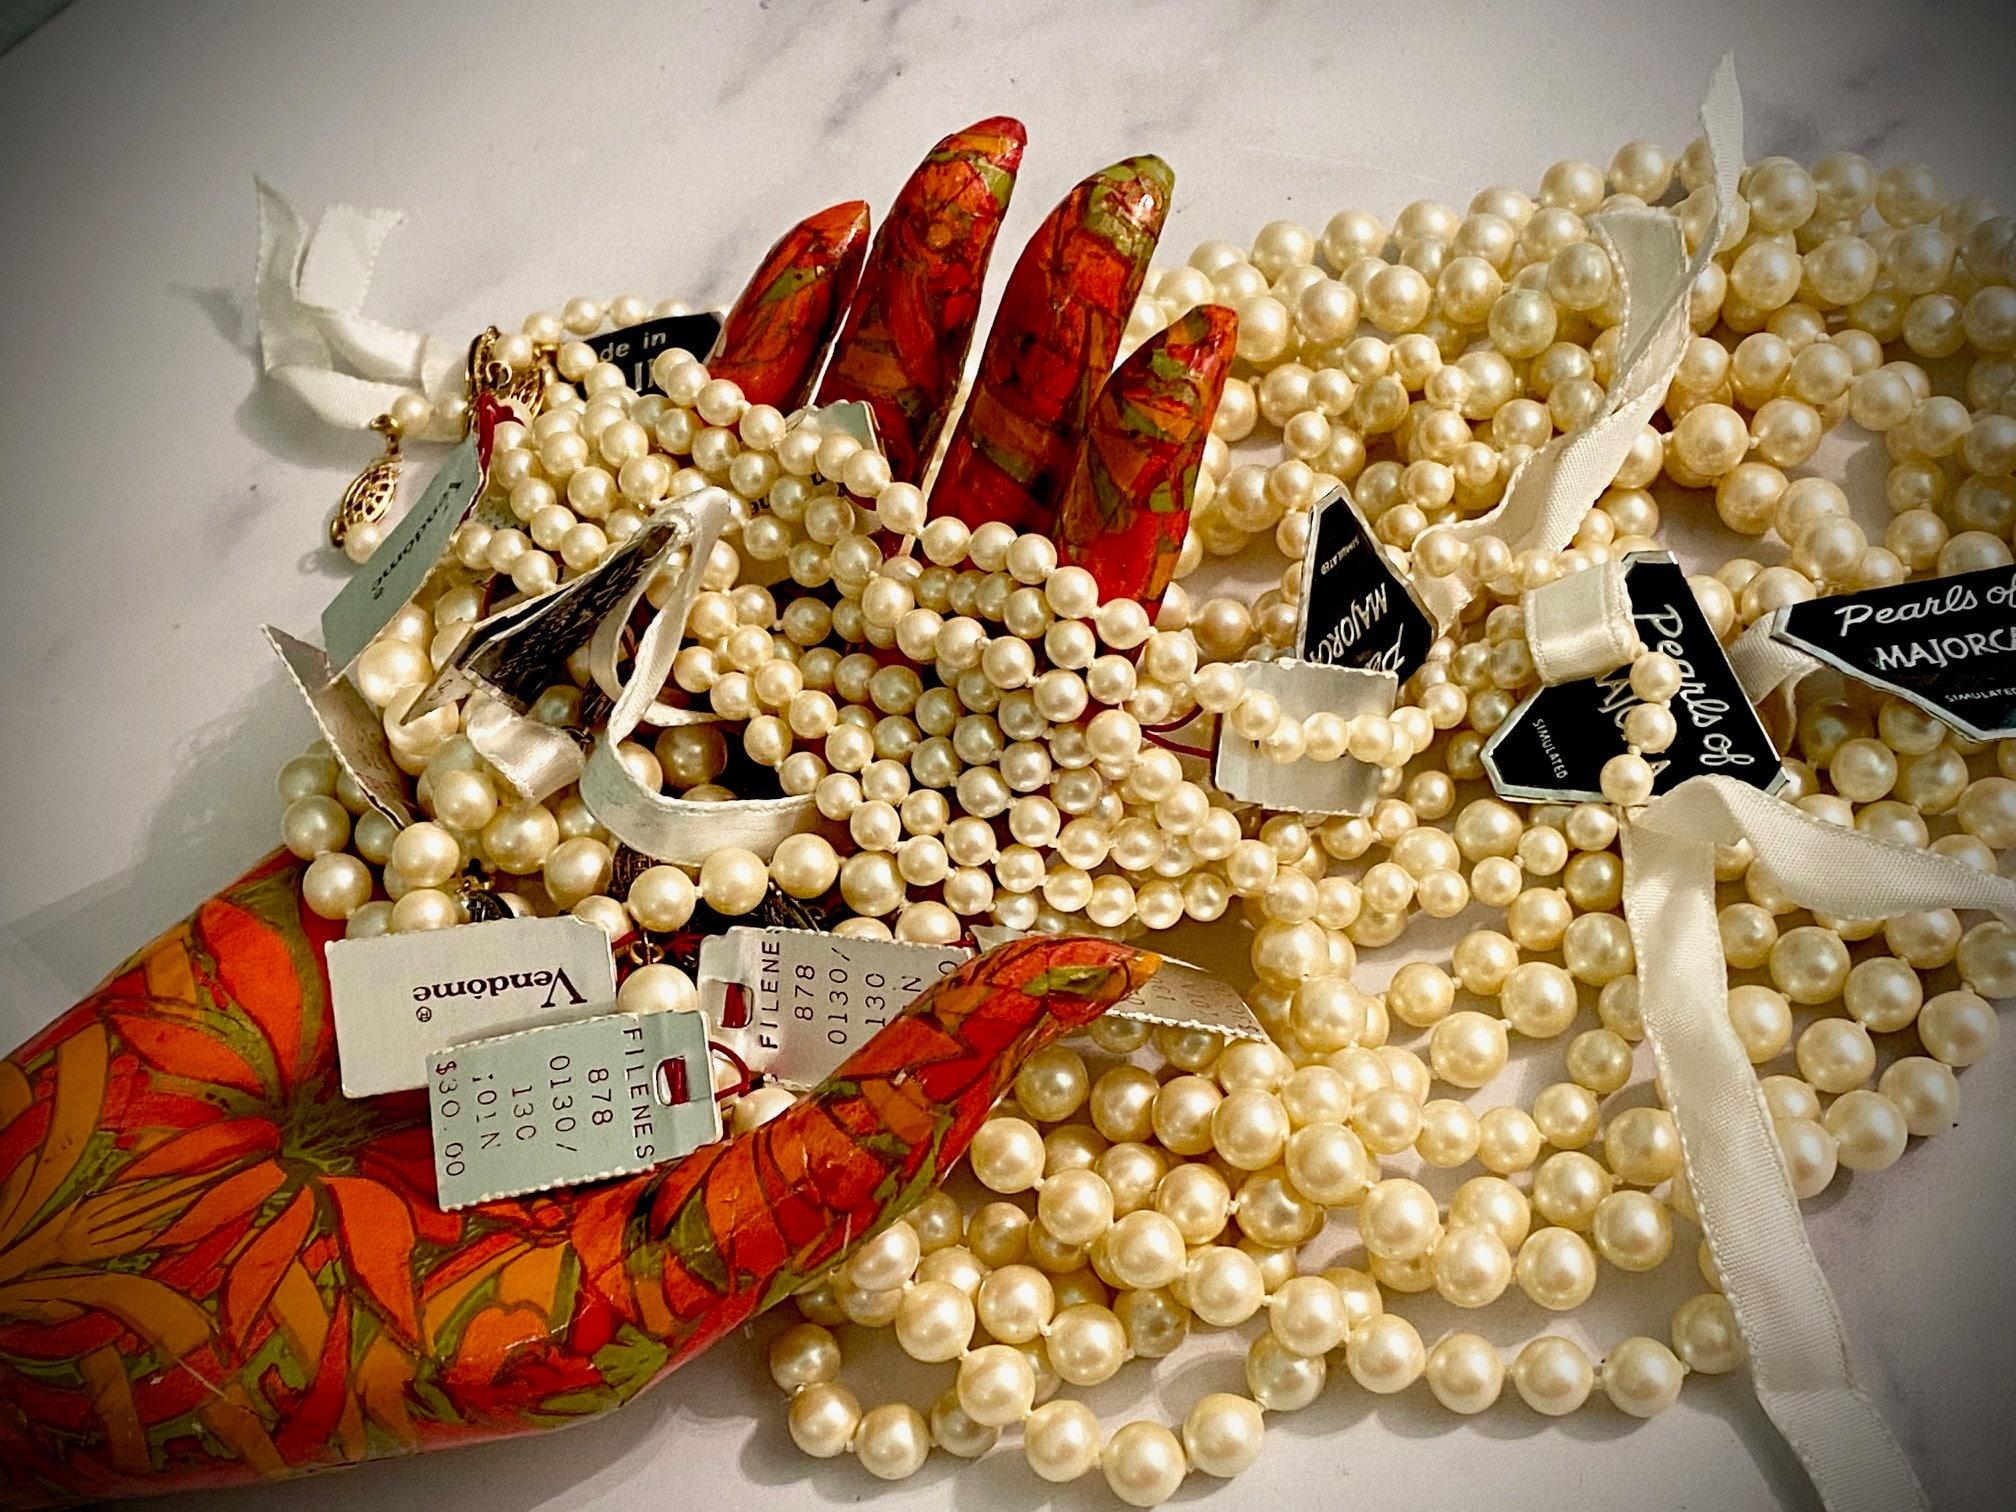 vendome pearls, majorca pearls, made in spain pearls, vintage pearls